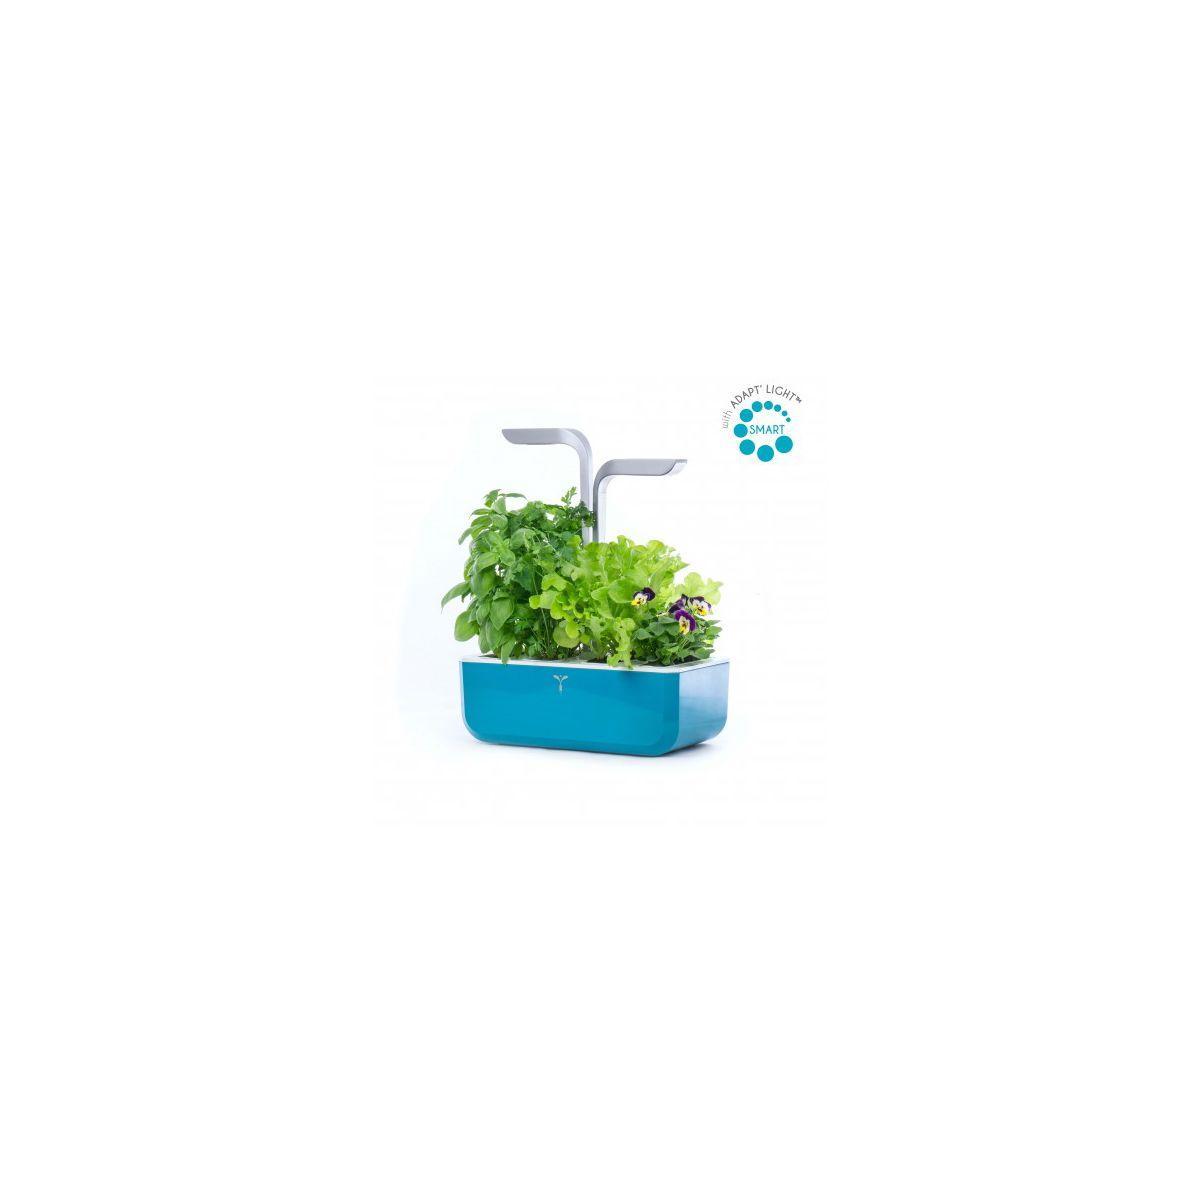 Jardin d'int�rieur veritable smart teal blue - 15% de remise imm�diate avec le code : deal15 (photo)